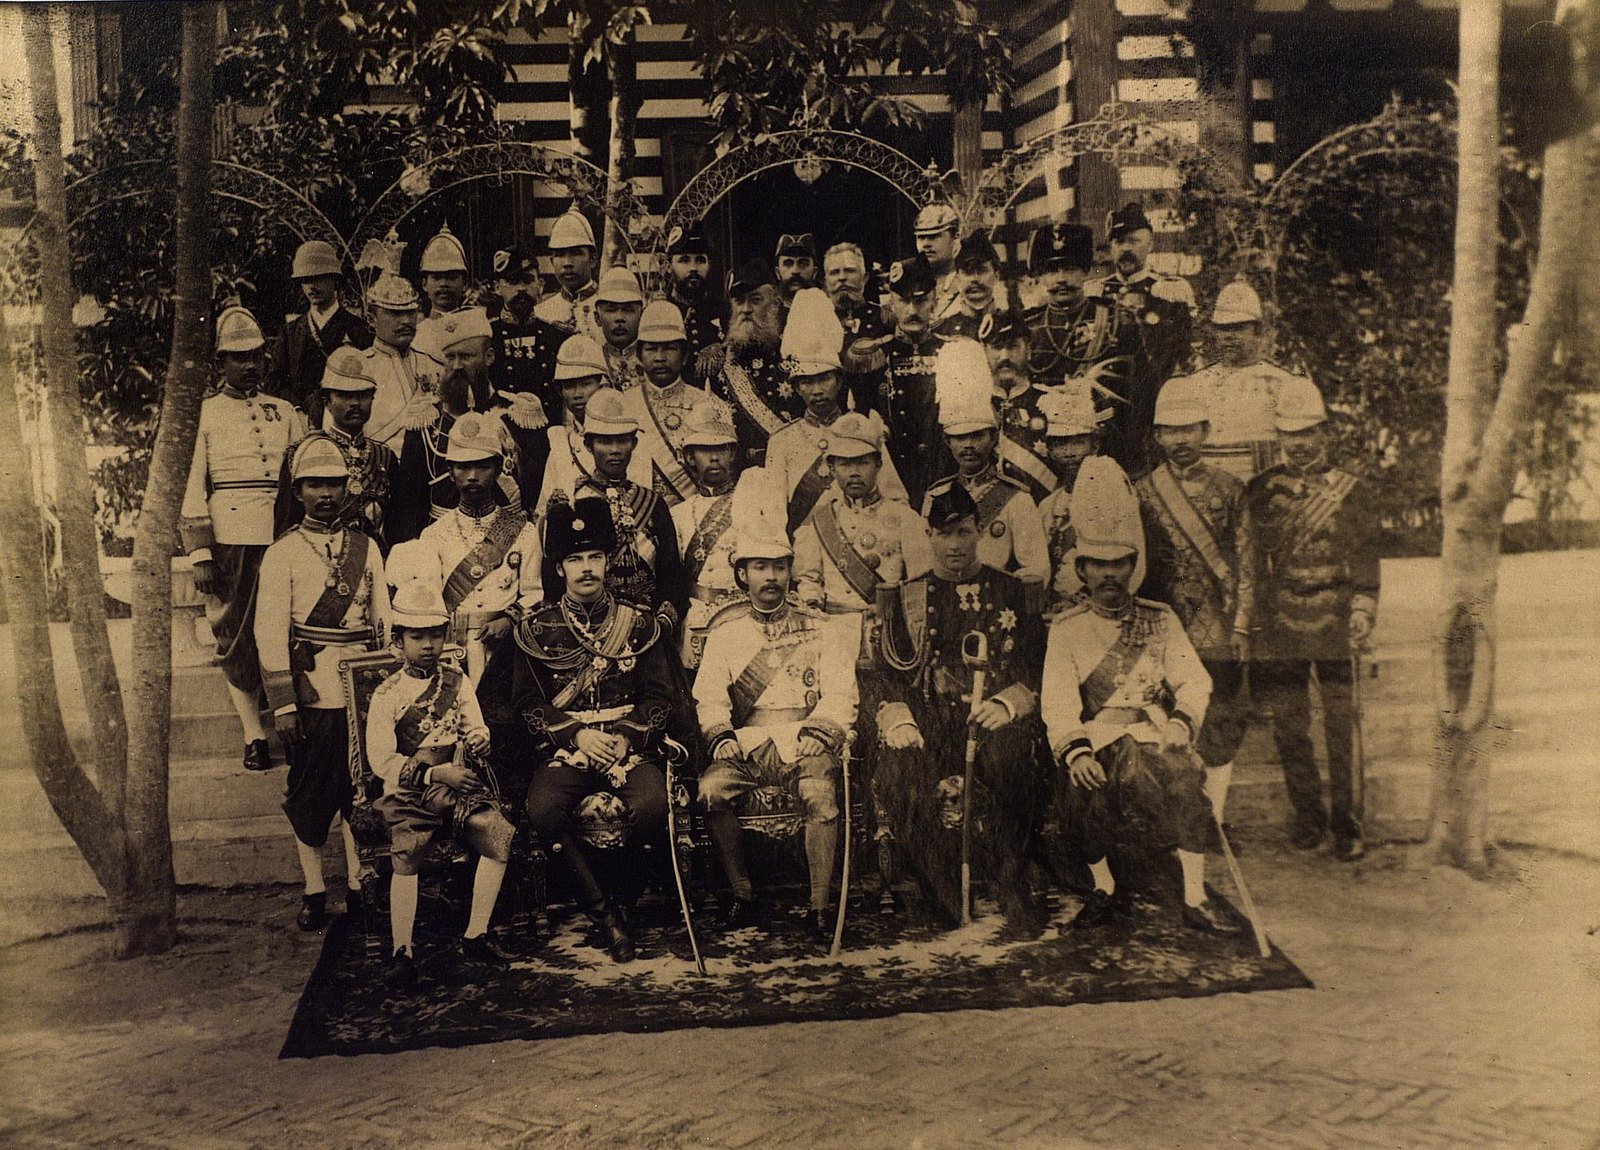 17. Цесаревич Николай Александрович с королем Сиама Рамой V Чулалонгкорном, наследным принцем Сиама и принц